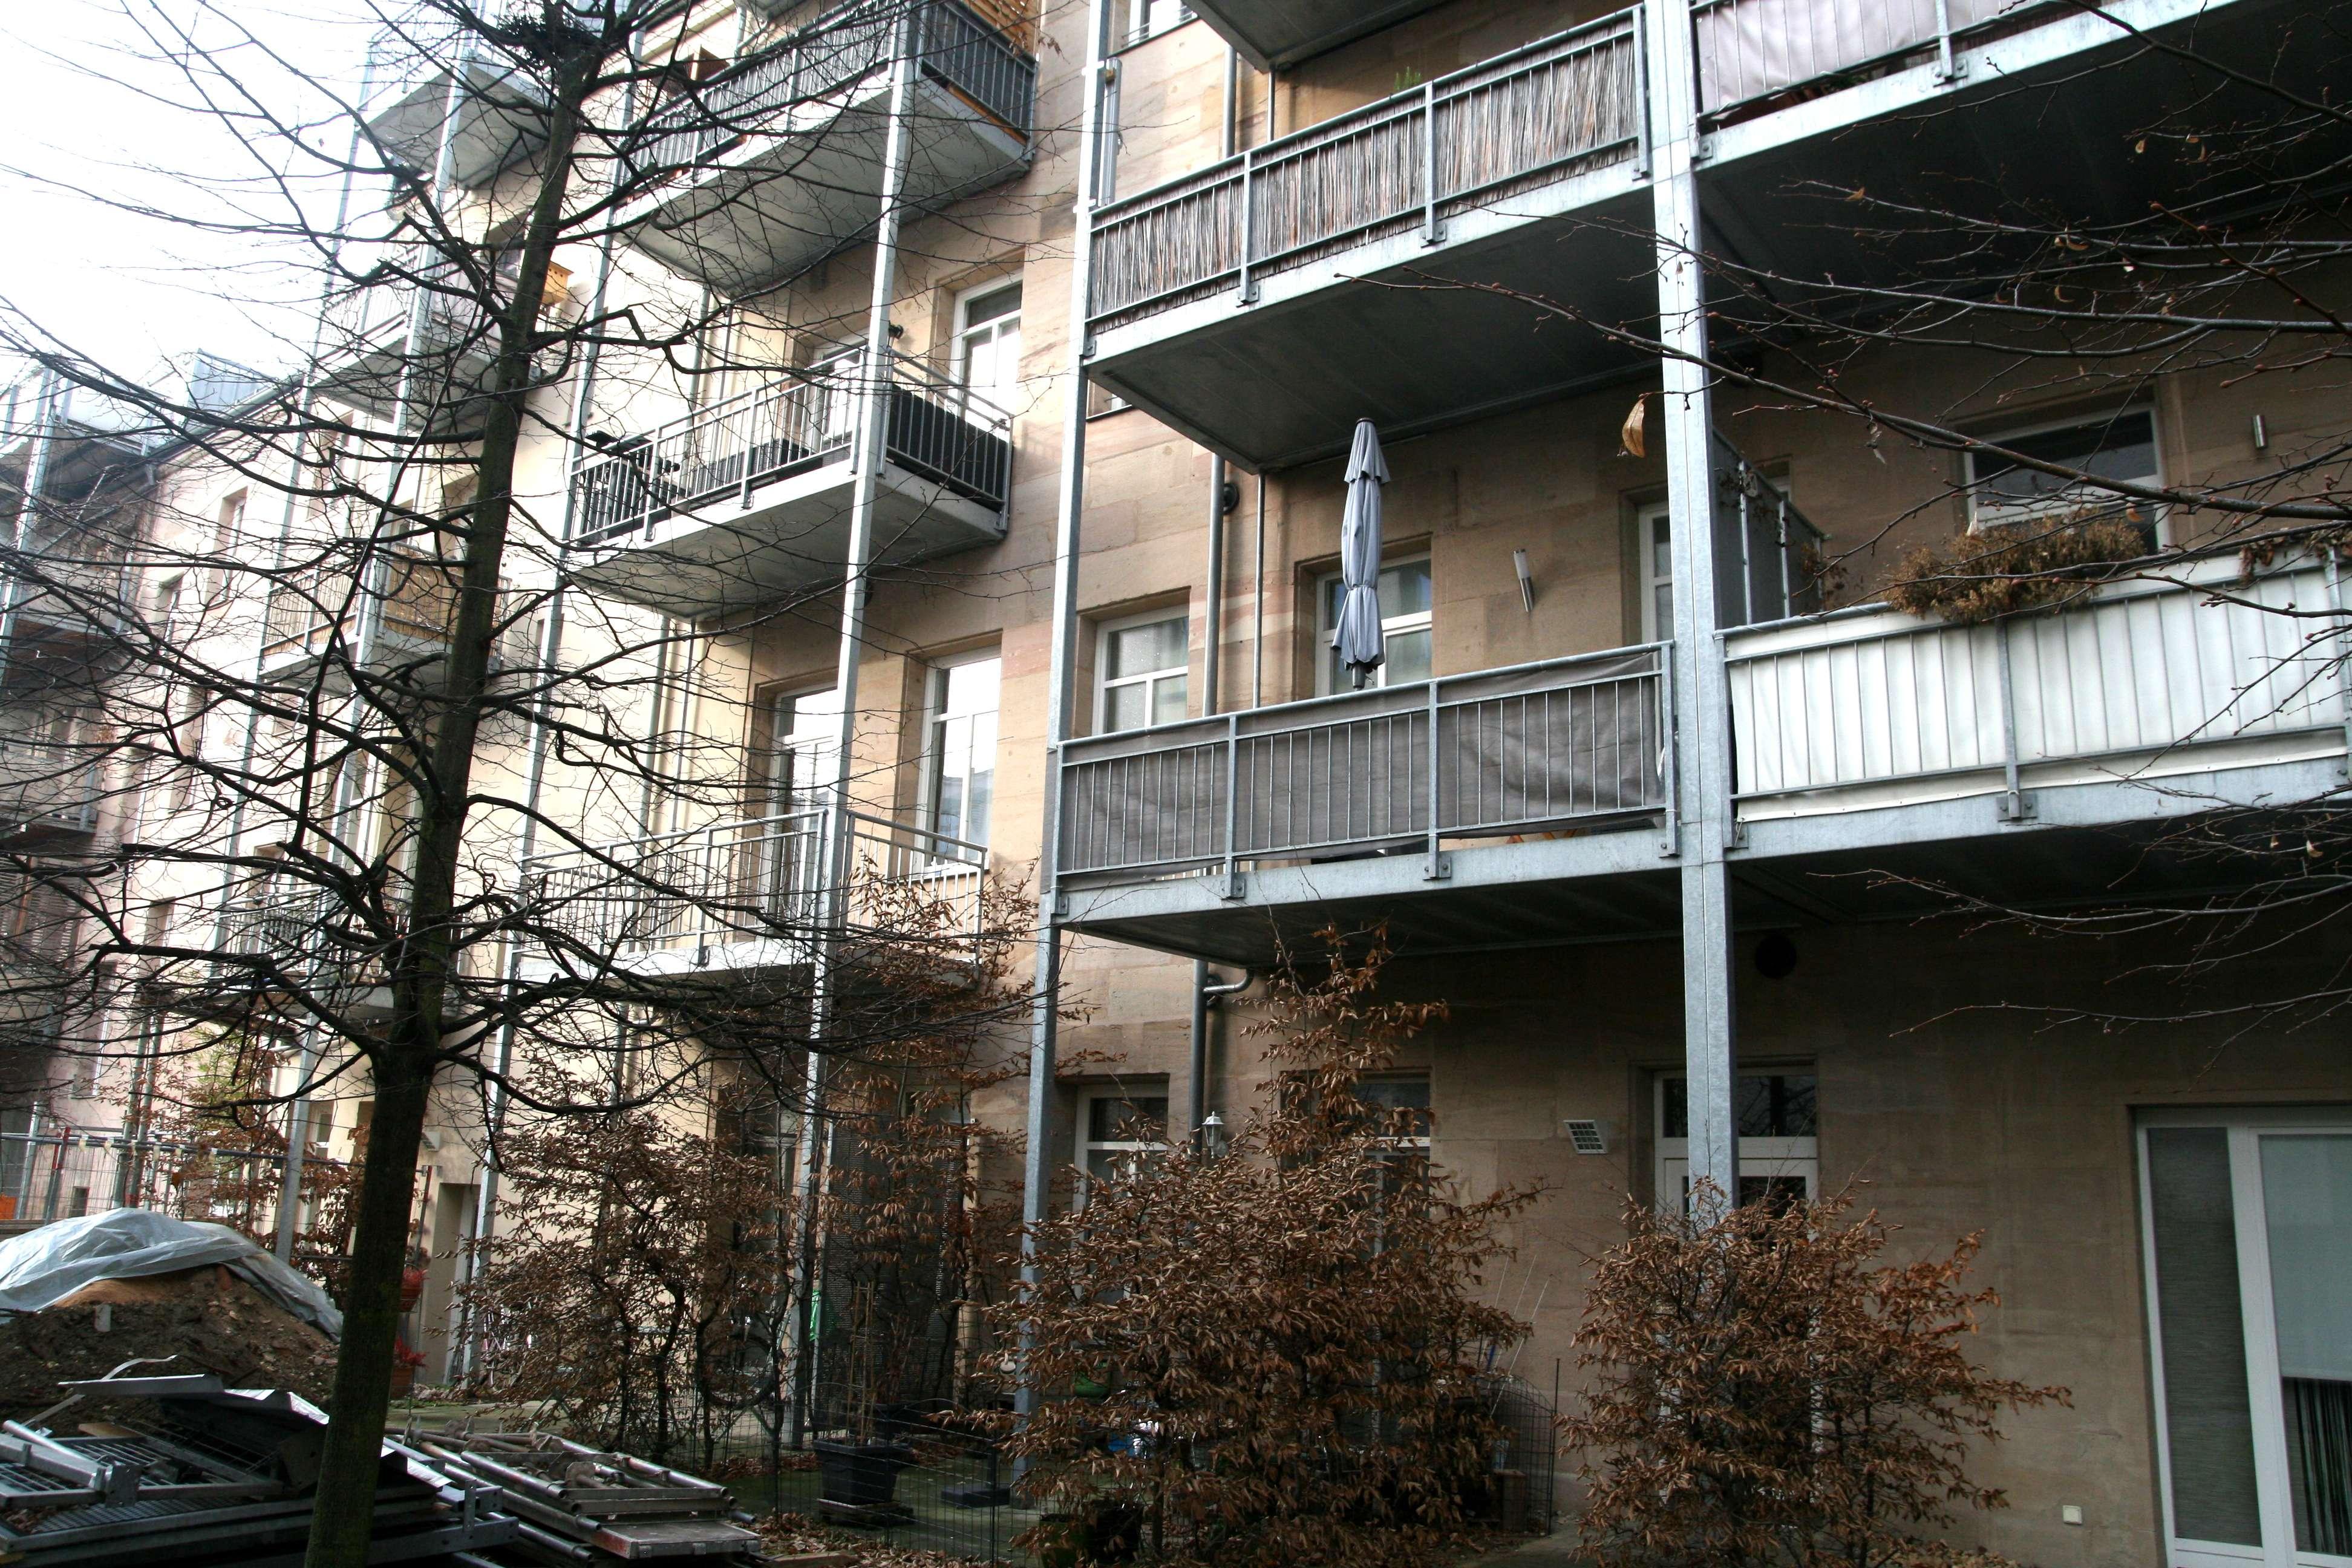 Schöne 2-Zimmer Wohnung am Stadtpark mit Einbauküche und Carport in Stadtpark / Stadtgrenze (Fürth)